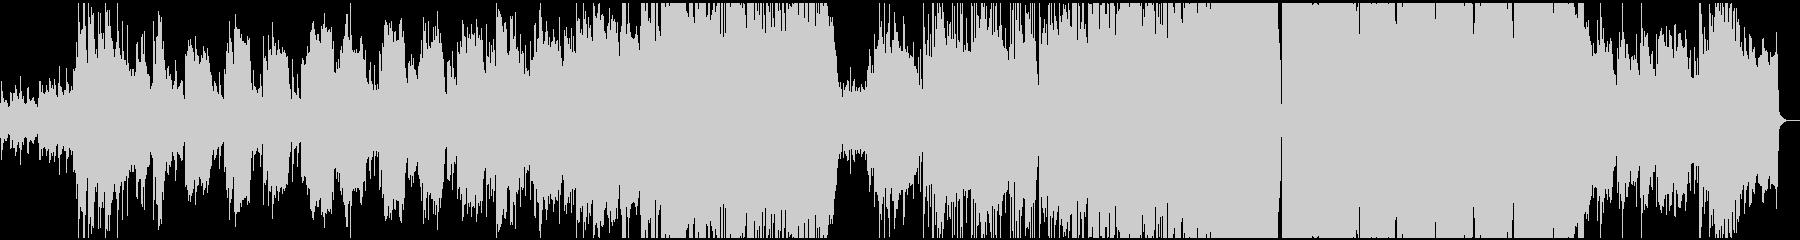 ほのぼのとした雰囲気のポップバラードの未再生の波形